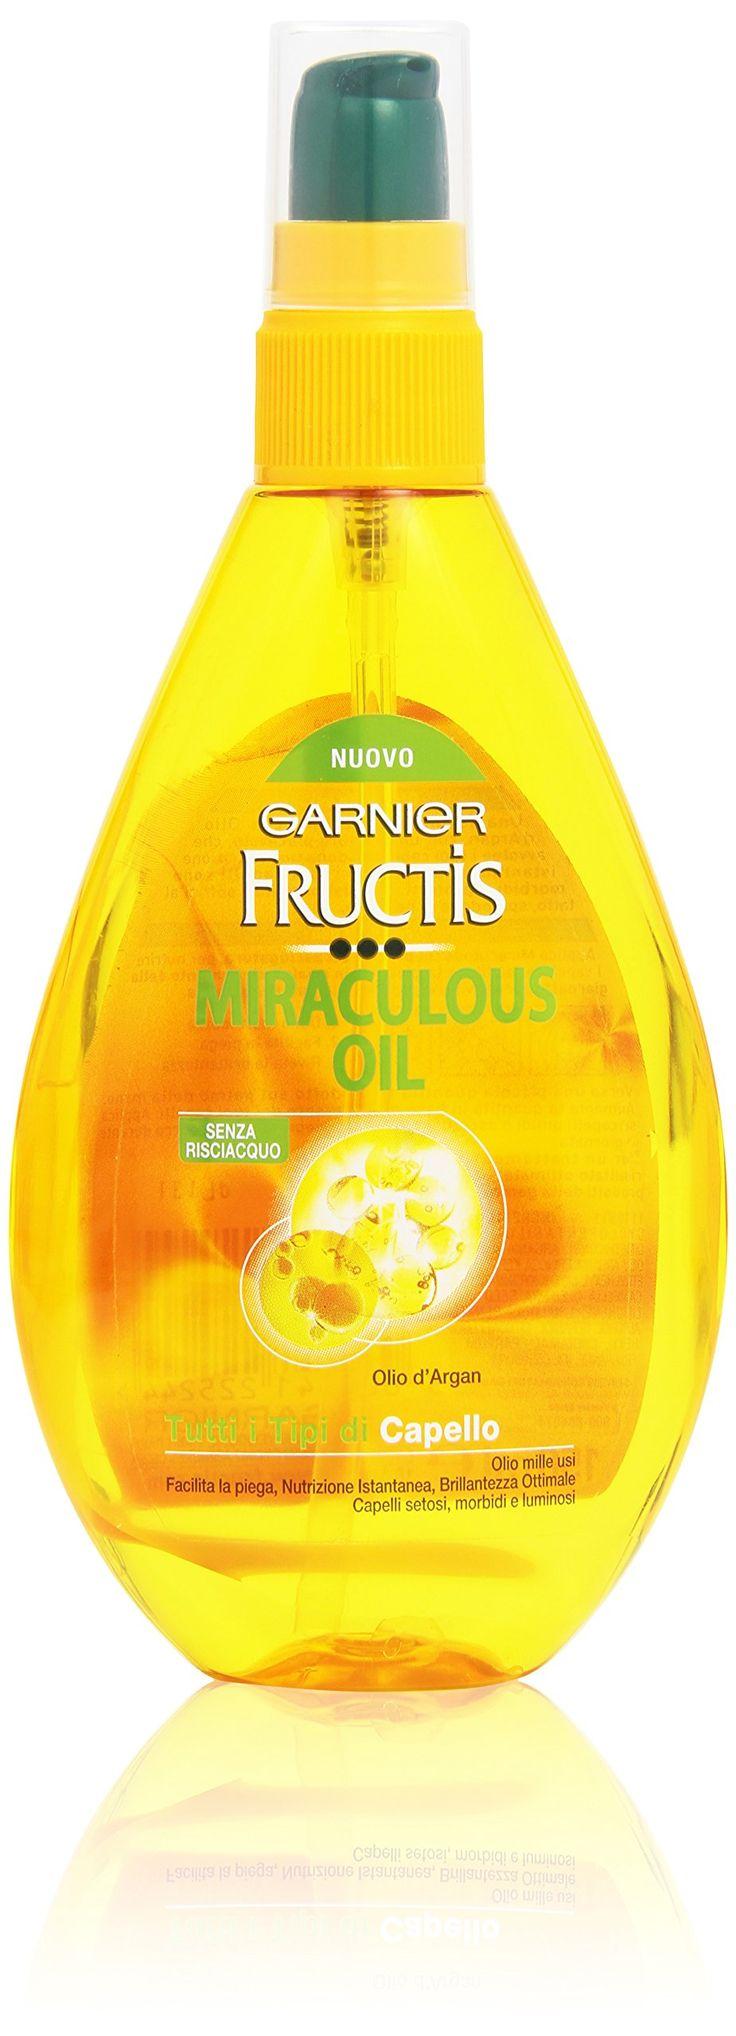 Garnier – Fructis, Miracoloso Olio, Formula Arricchita con Olio d'Argan per capelli – 150 ml…